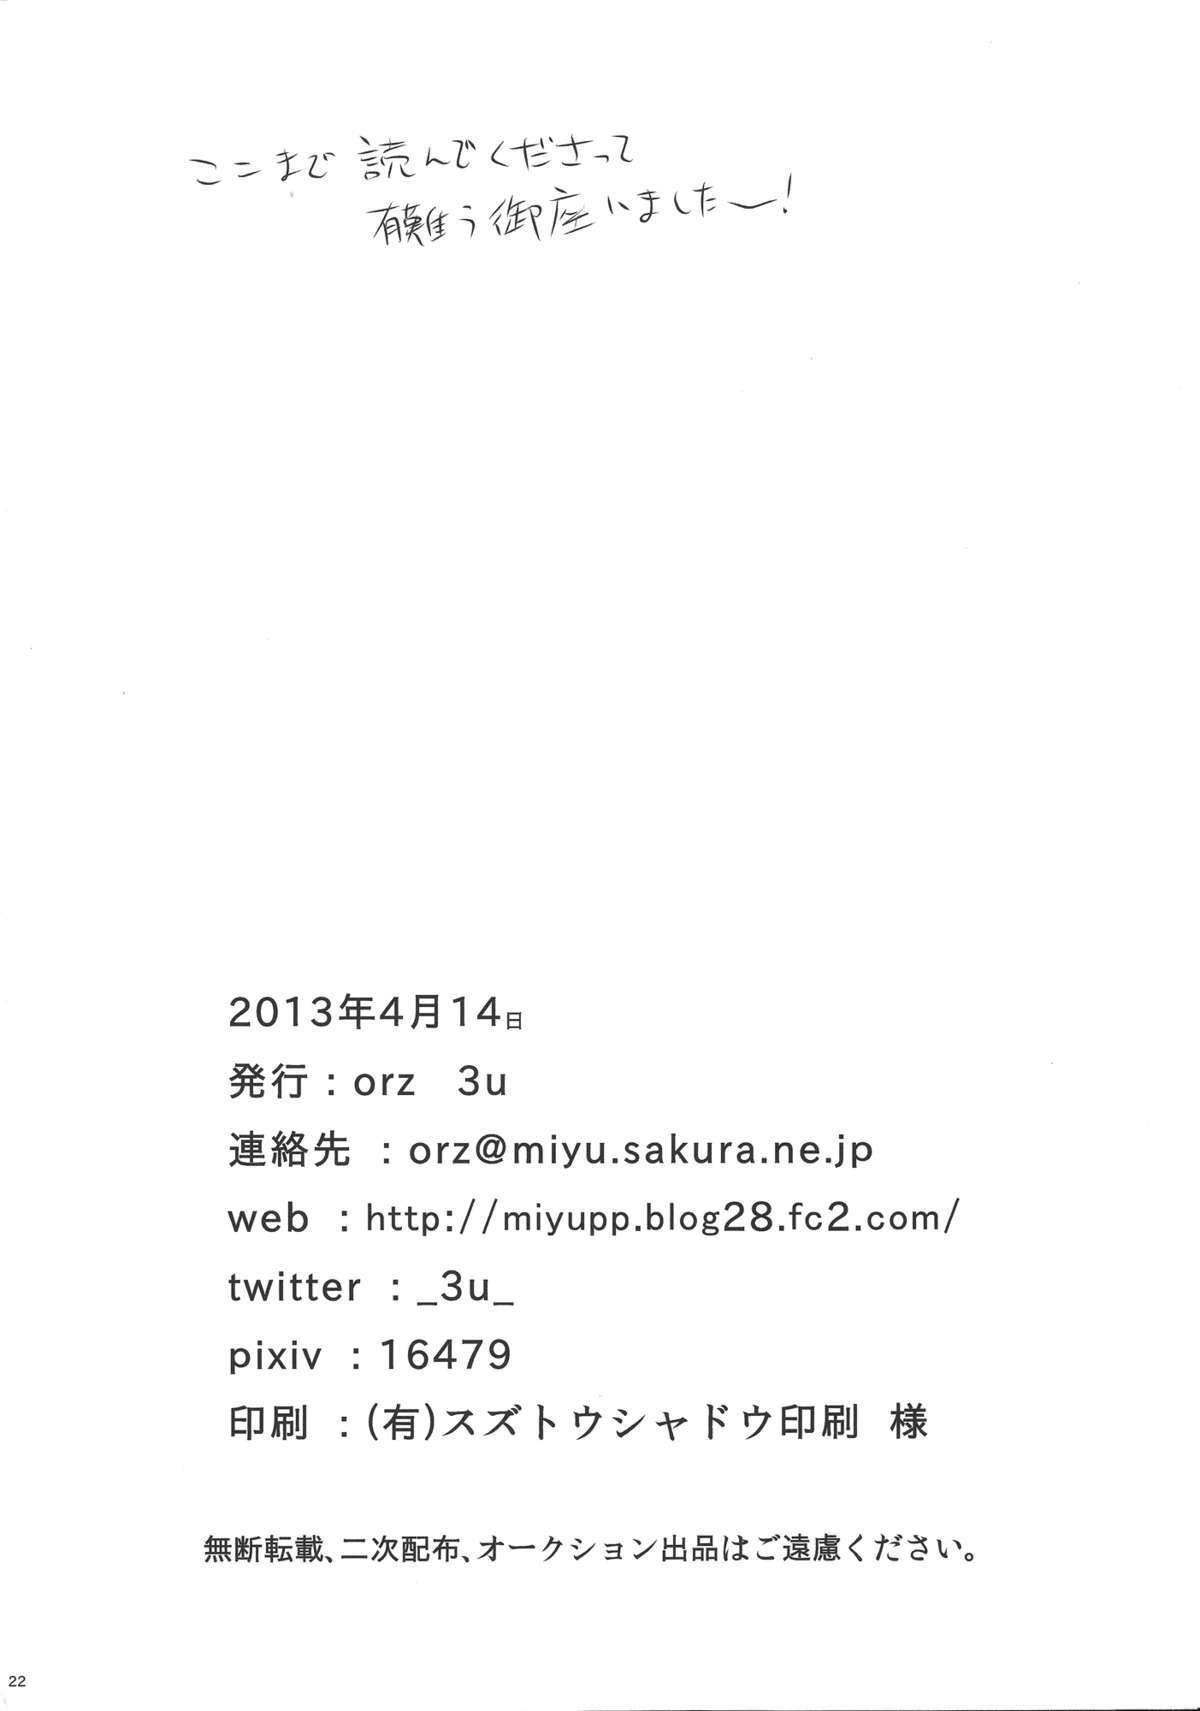 Oniichan no koto daisuki dakara sukumizu de nousatsu shite mo iiyo nee 20